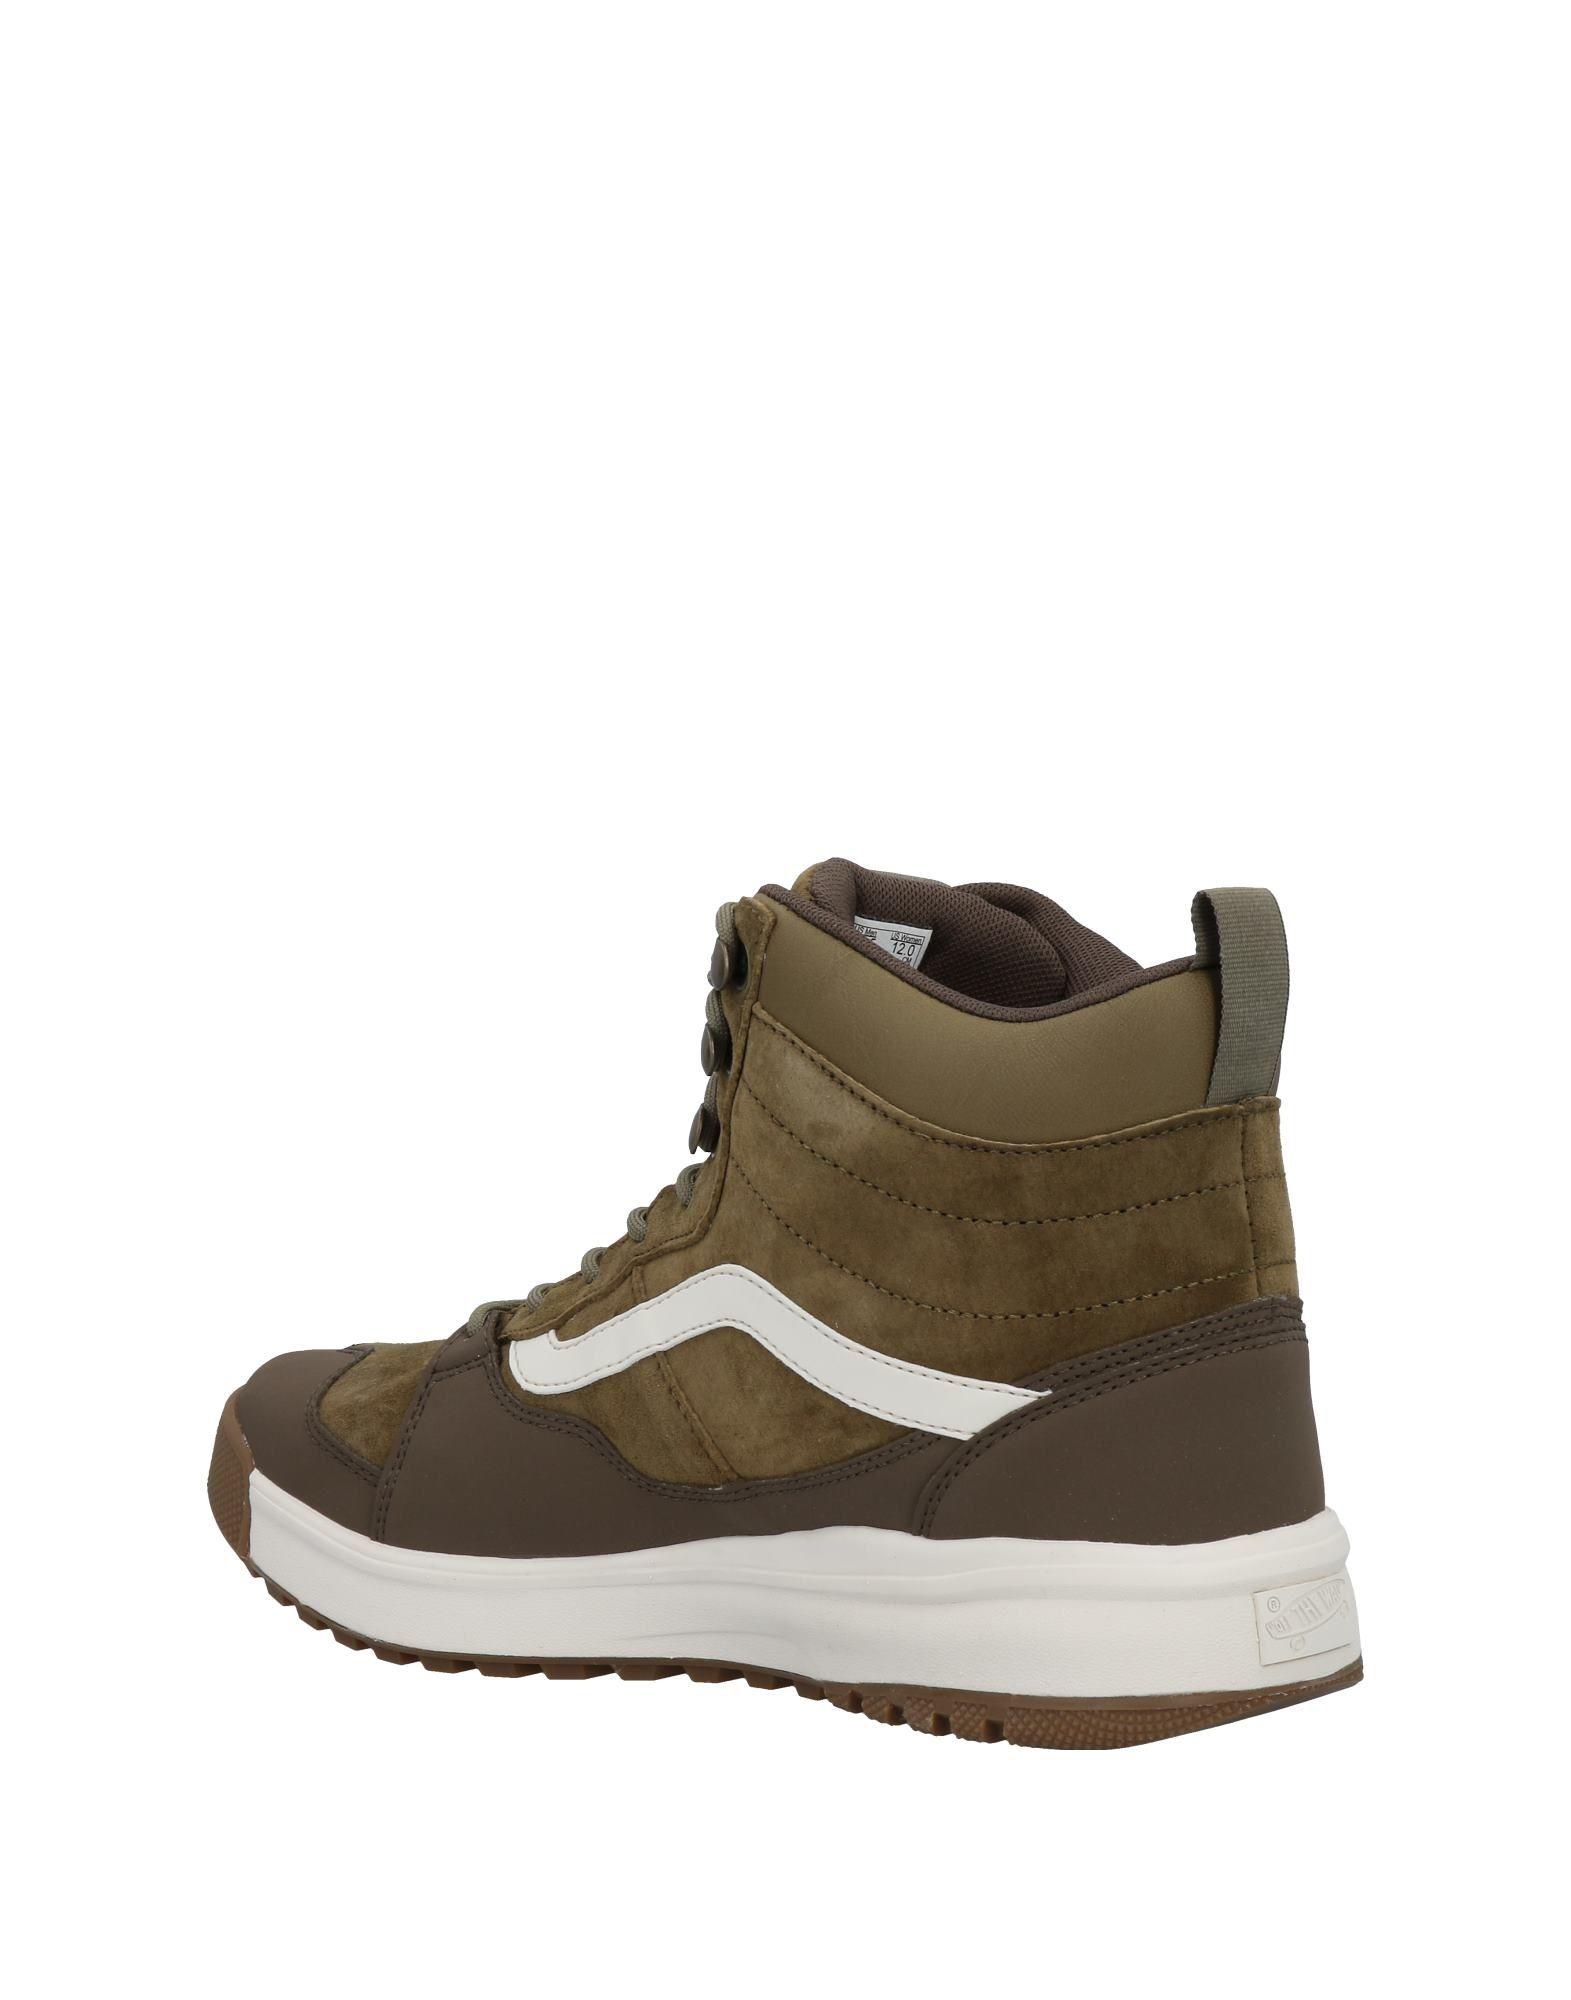 Vans Sneakers Herren  11490766VO Gute Qualität beliebte Schuhe